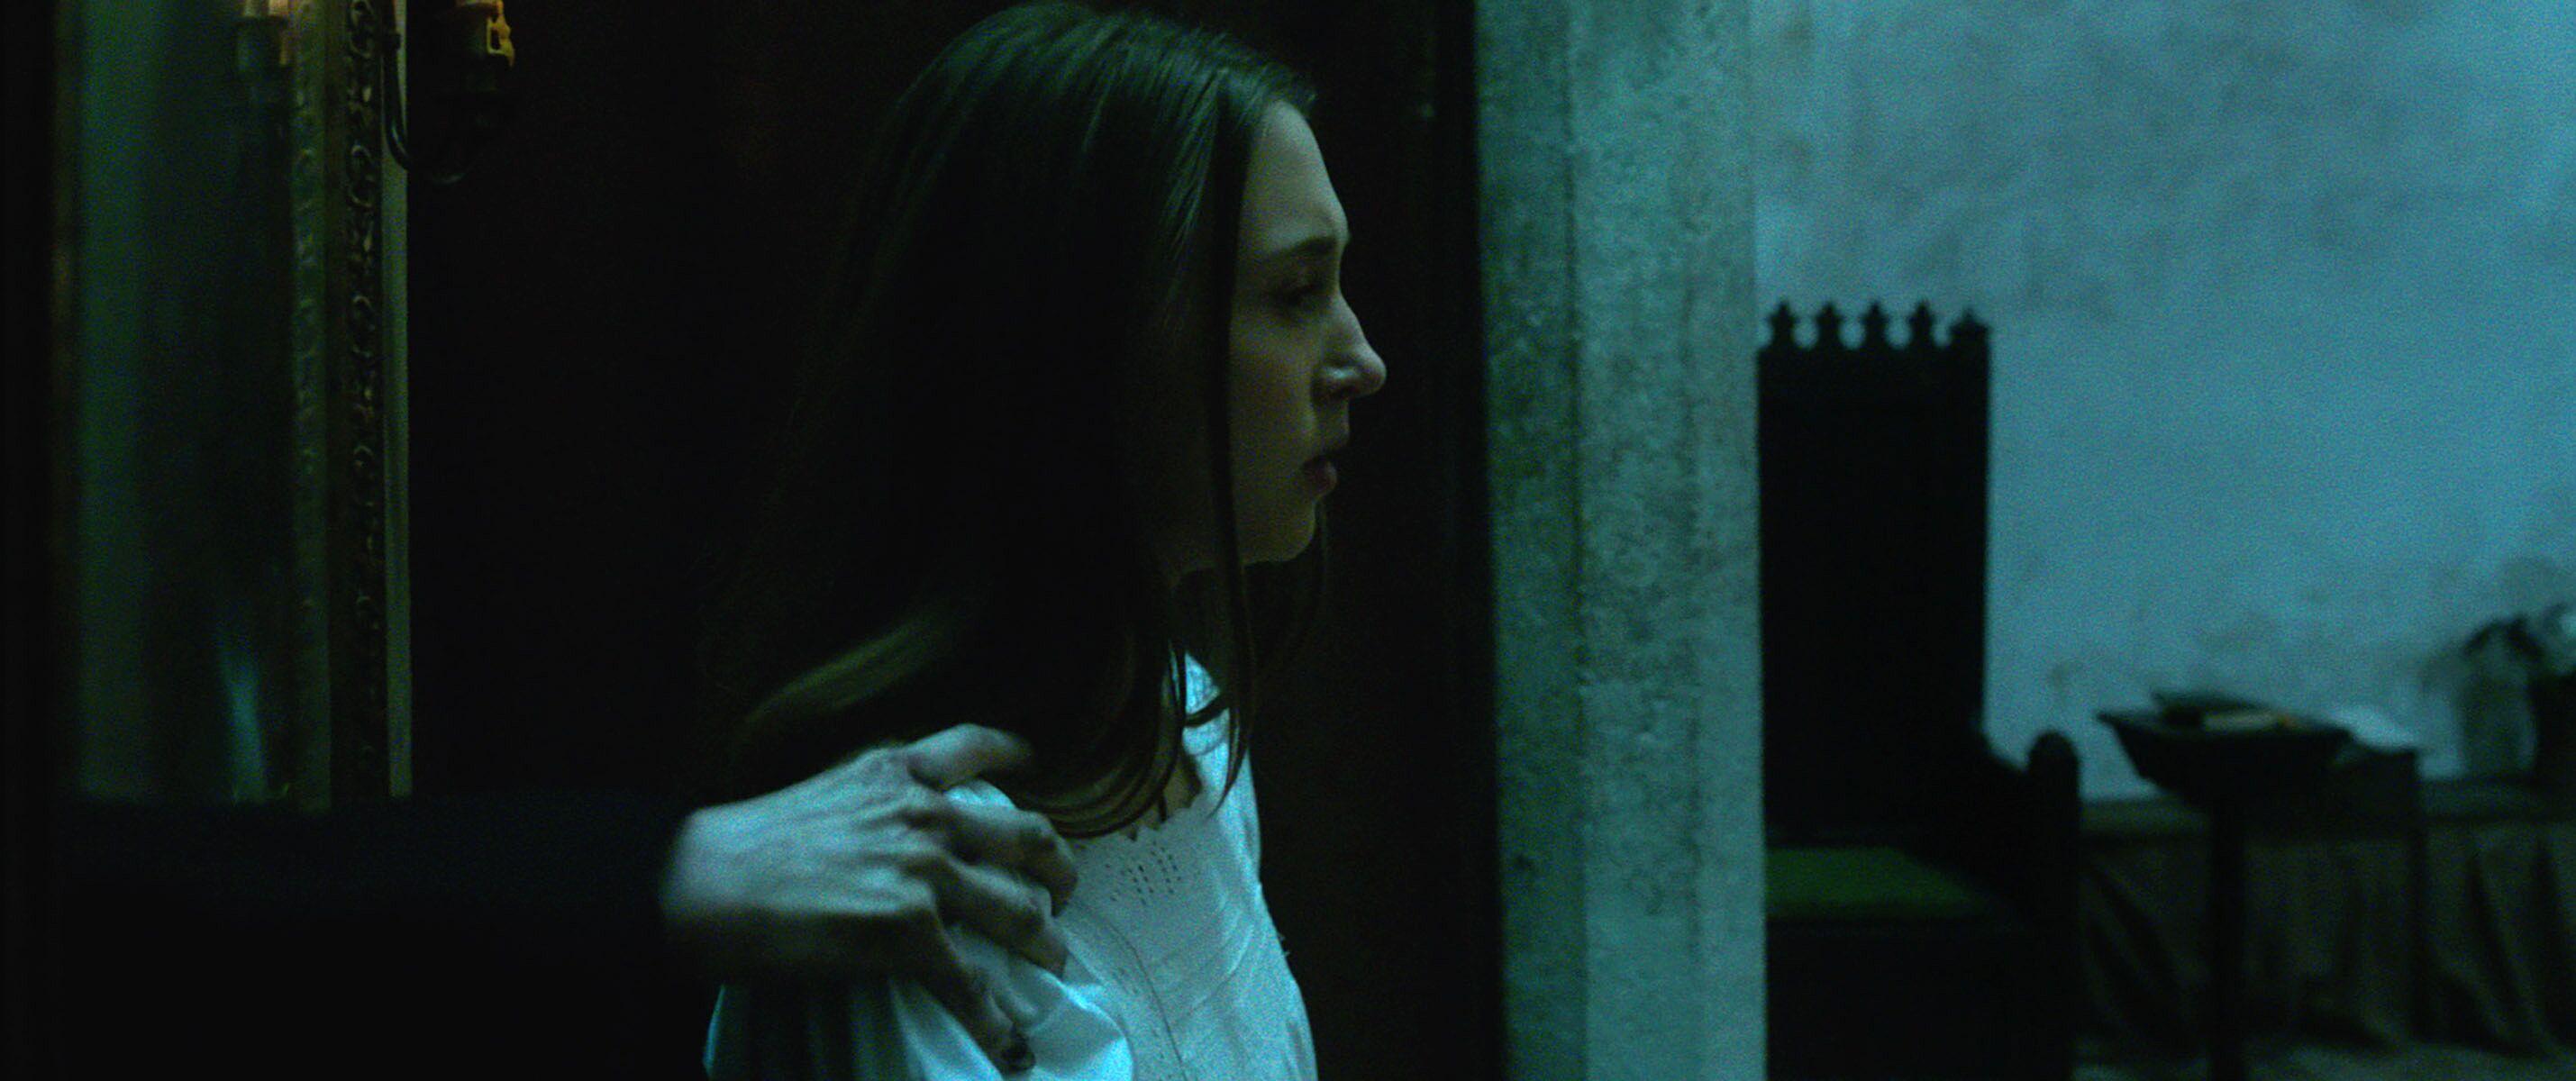 Шкатулка проклятия смотреть онлайн в хорошем качестве, Шкатулка проклятия фильм смотреть онлайн 22 фотография